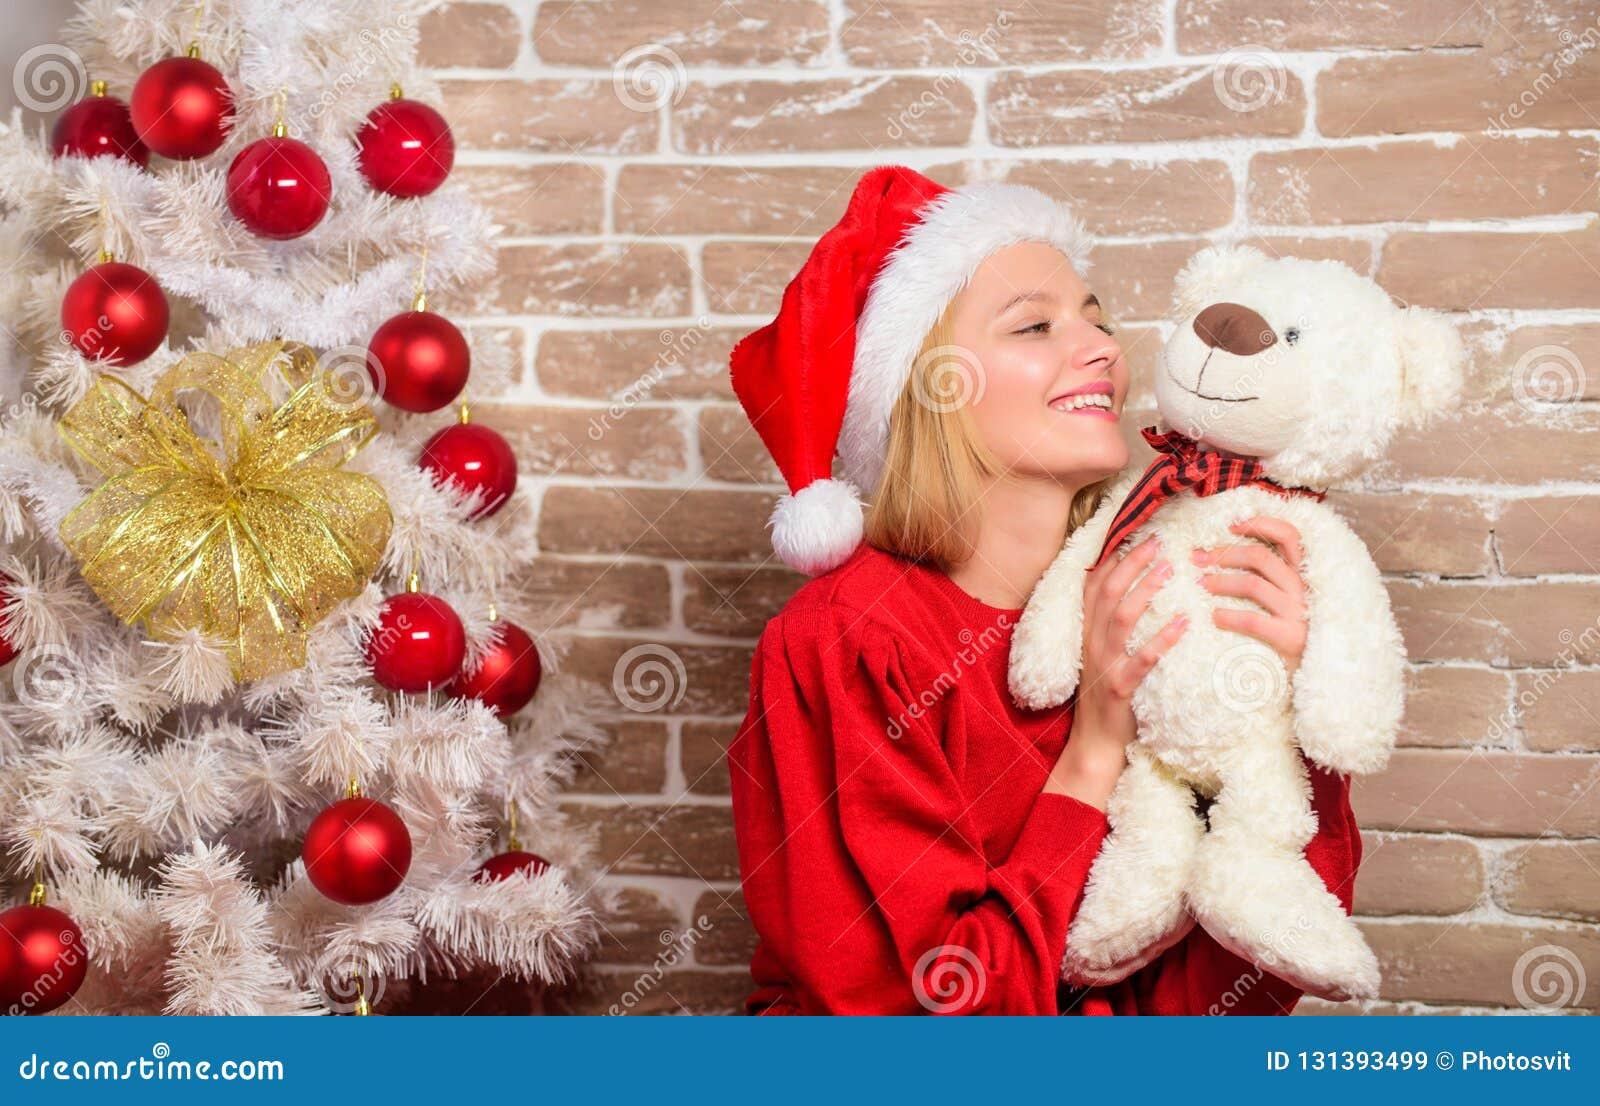 Feliz Navidad y Feliz Año Nuevo Partido del Año Nuevo Muchacha feliz en el sombrero de Papá Noel Regalos de la Navidad de la entr